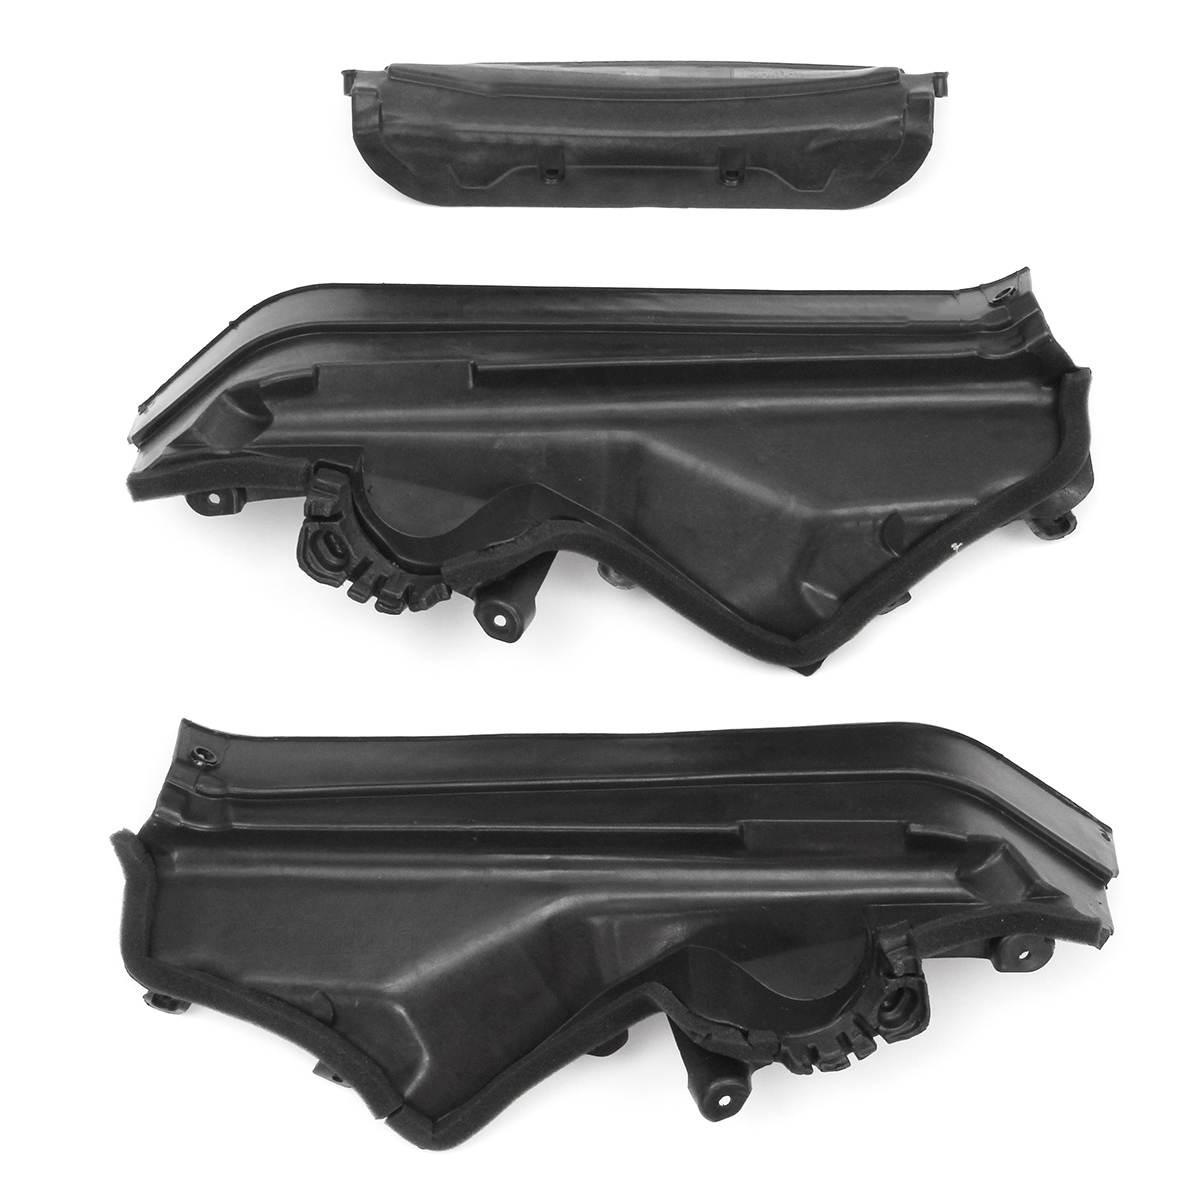 באיכות גבוהה 3pcs רכב מנוע עליון תא מחיצת פנל סט עבור BMW X5 X6 E70 E71 E72 51717169419 51717169420 51717169421